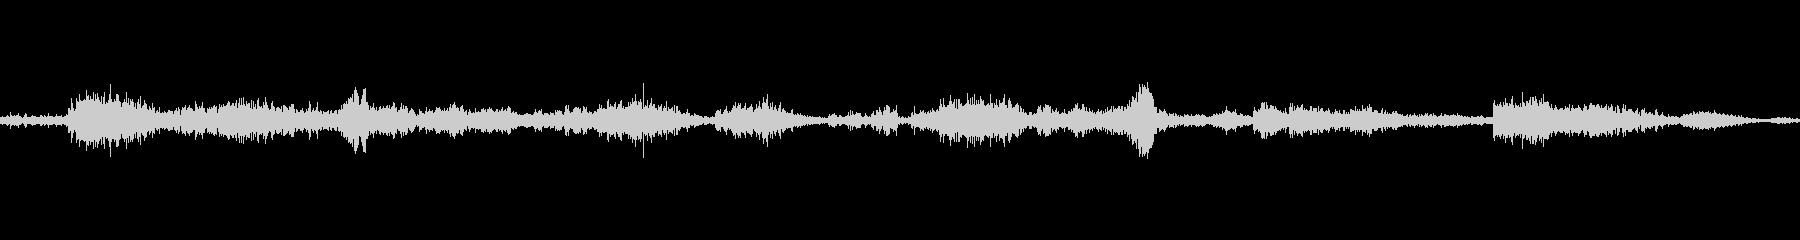 RADIO COMMUNICATI...の未再生の波形